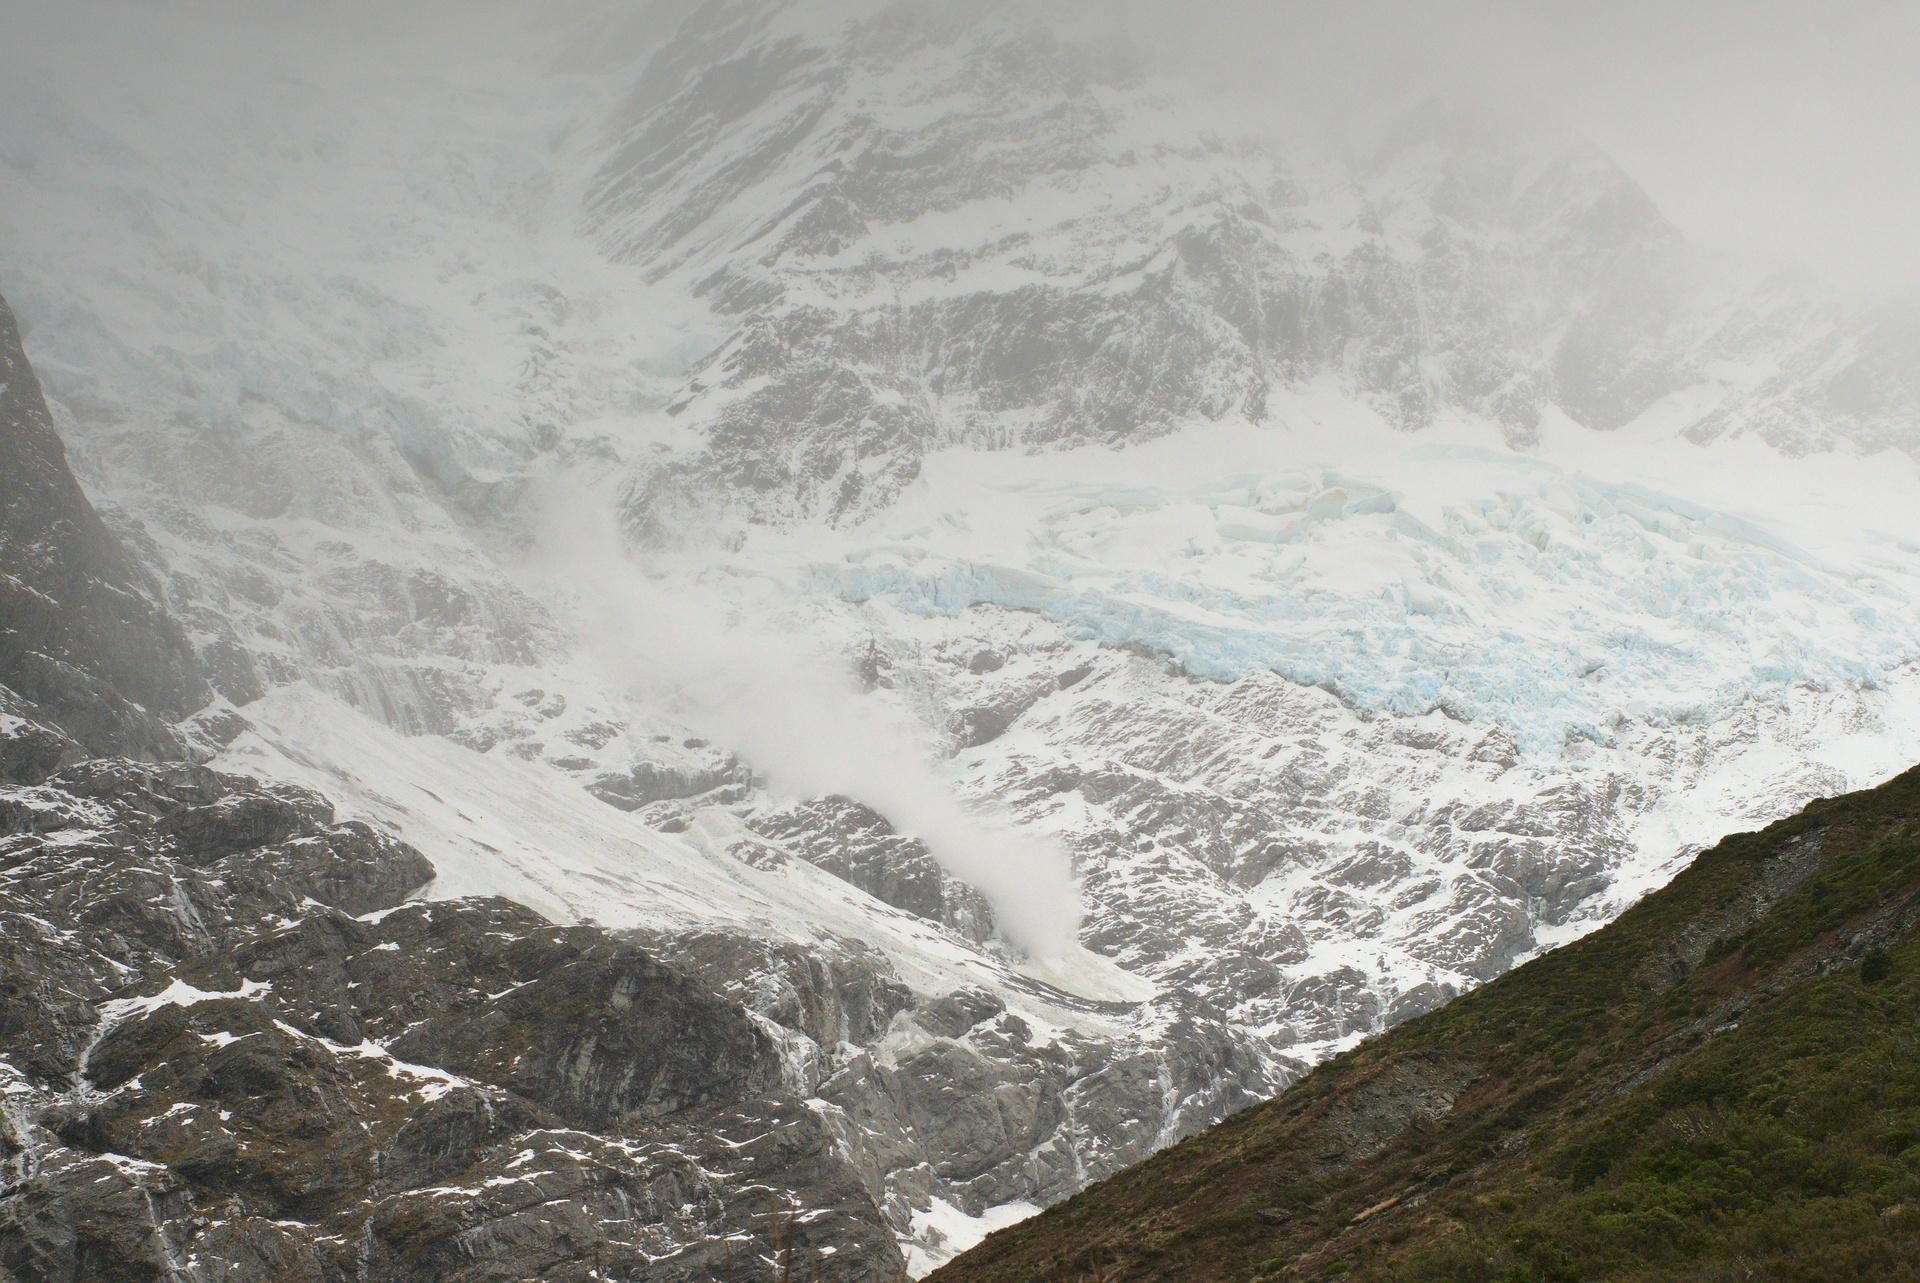 Avalanche on Rob Roy Glacier